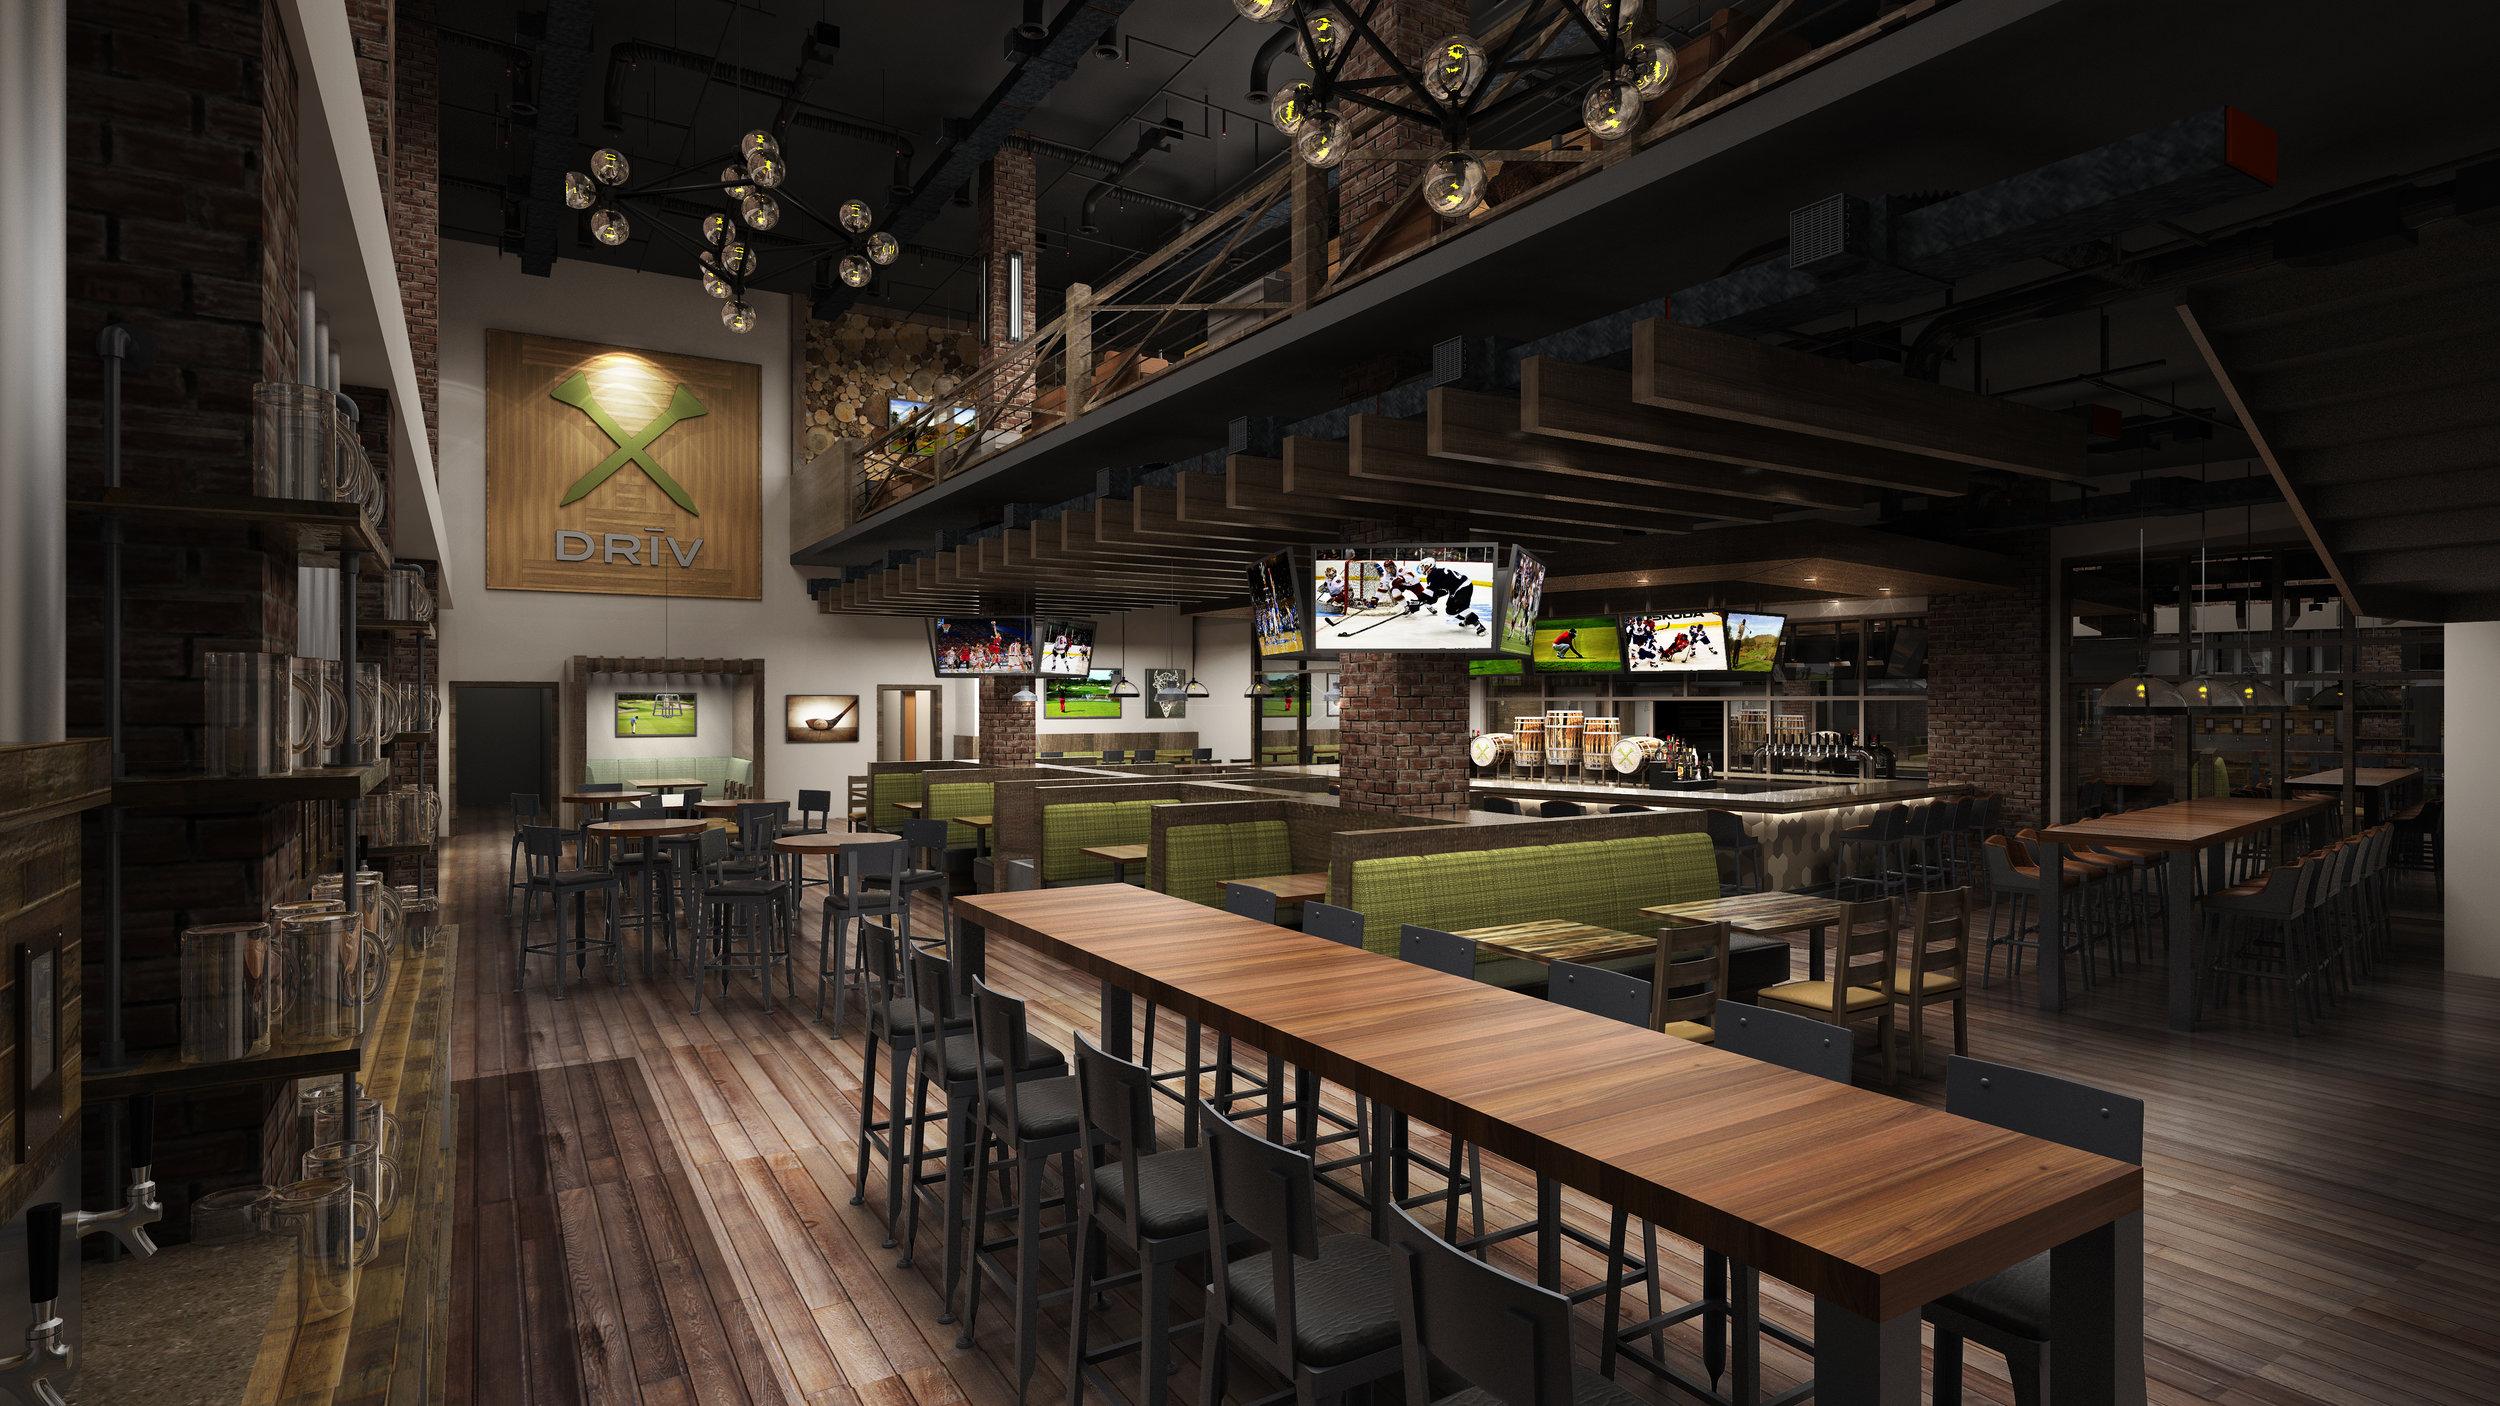 driv - restaurant 2.jpg